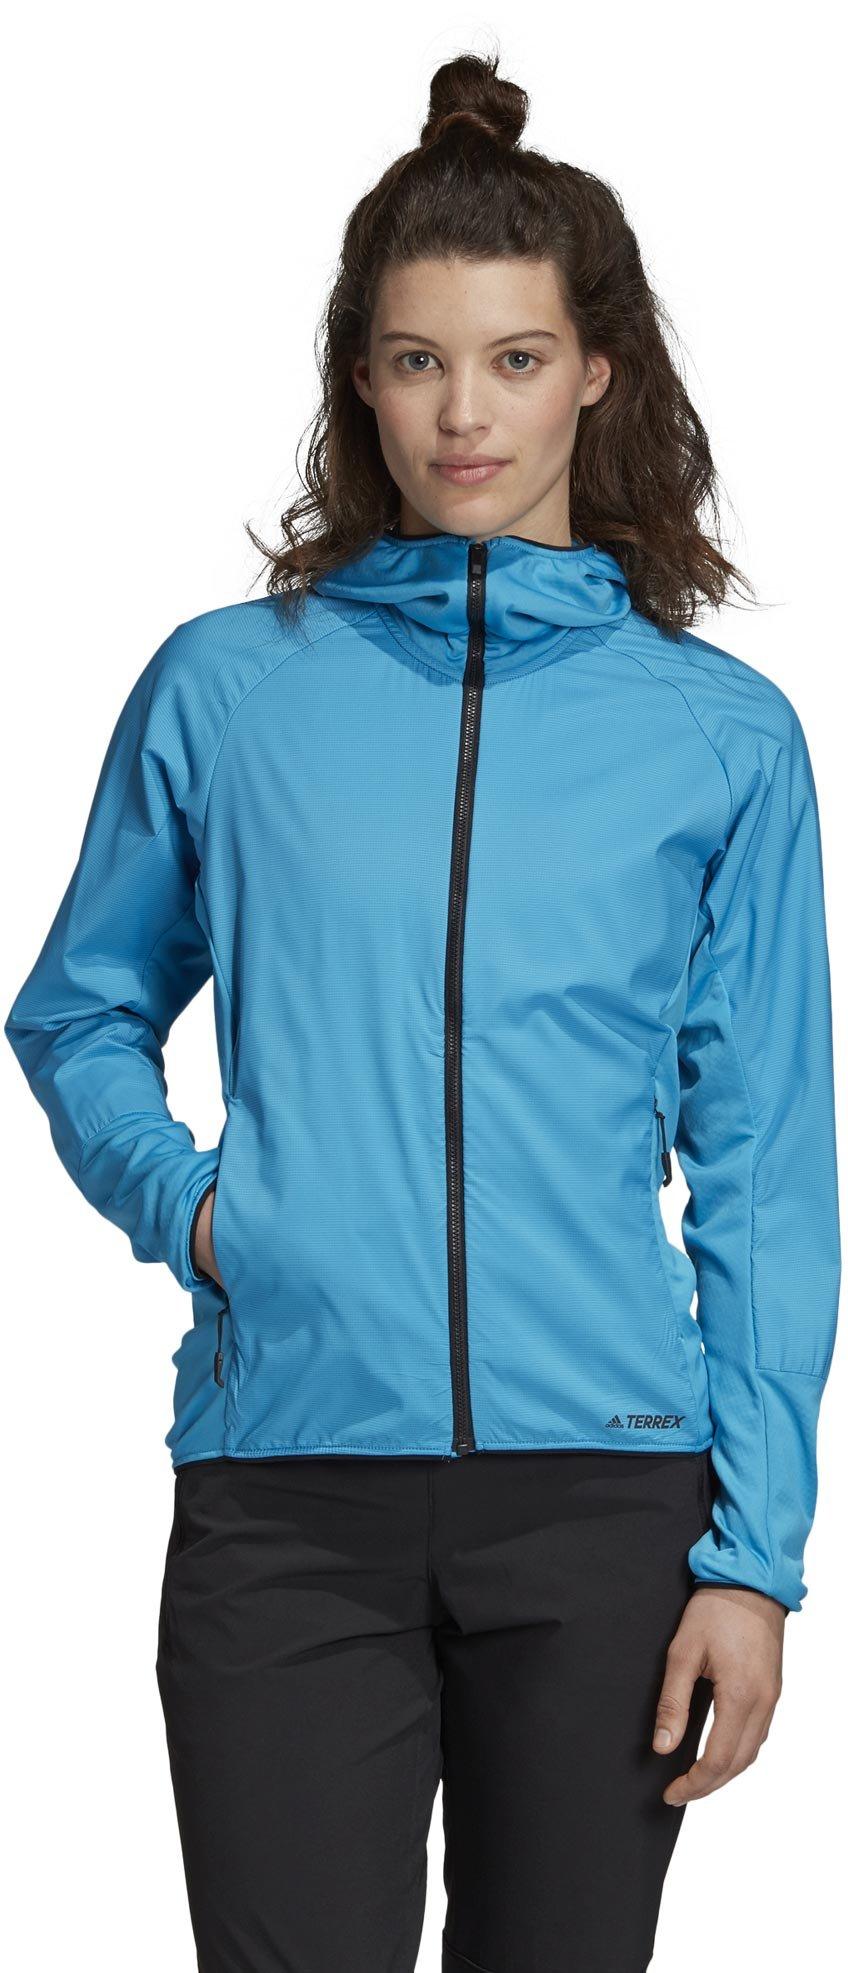 adidas Terrex Skyclimb Fleece Jacket L